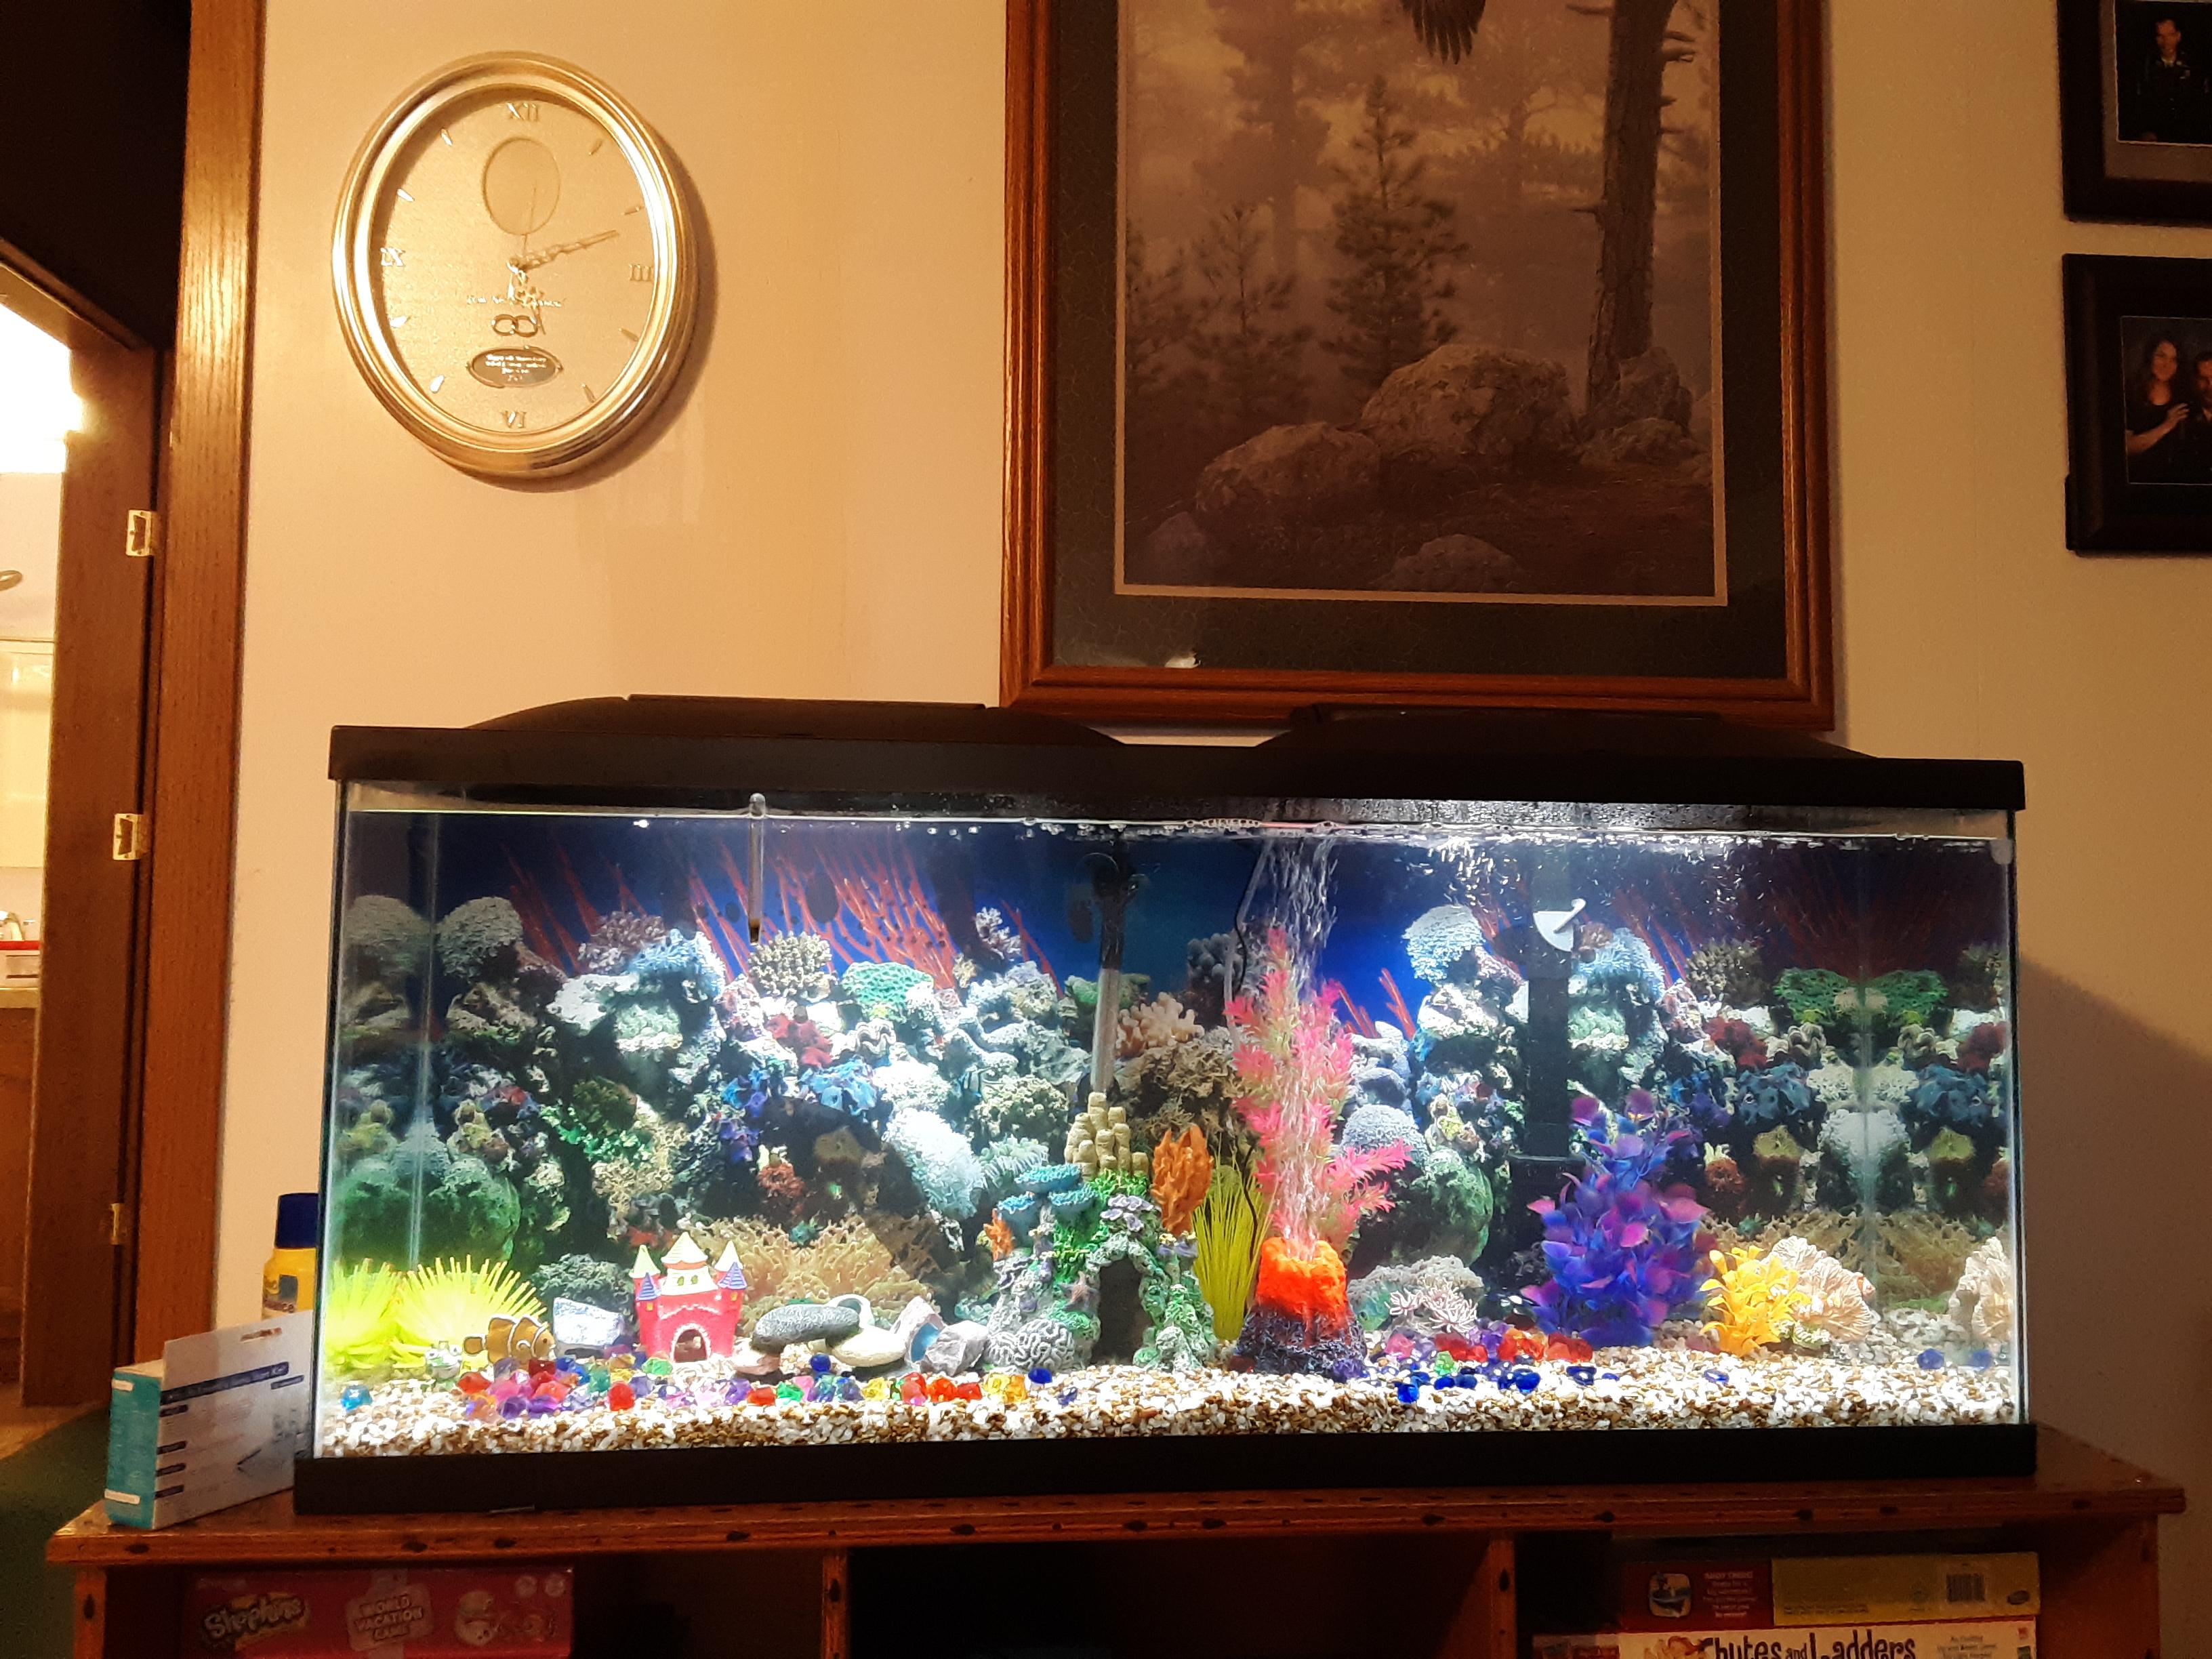 Hobby Fish tanks-20200125_171011-1-.jpg